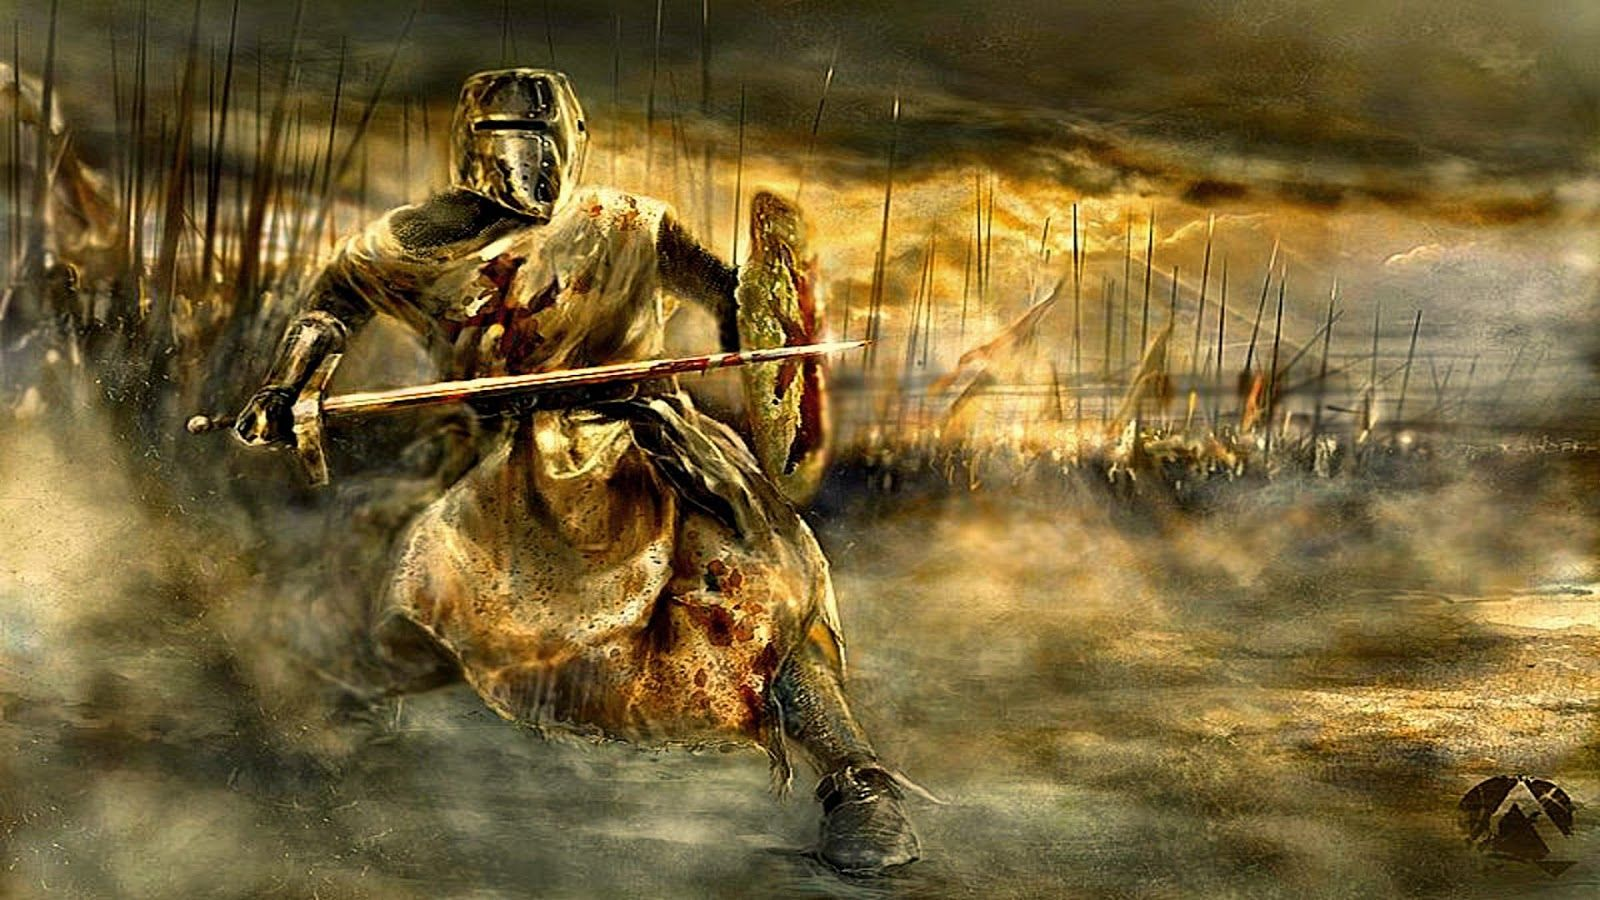 ΣΗΜΑΝΤΙΚΑ      NEA: Από το Παρίσι στην ΚΩΝΣΤΑΝΤΙΝΟΥΠΟΛΗ… η «σταυροφορί...